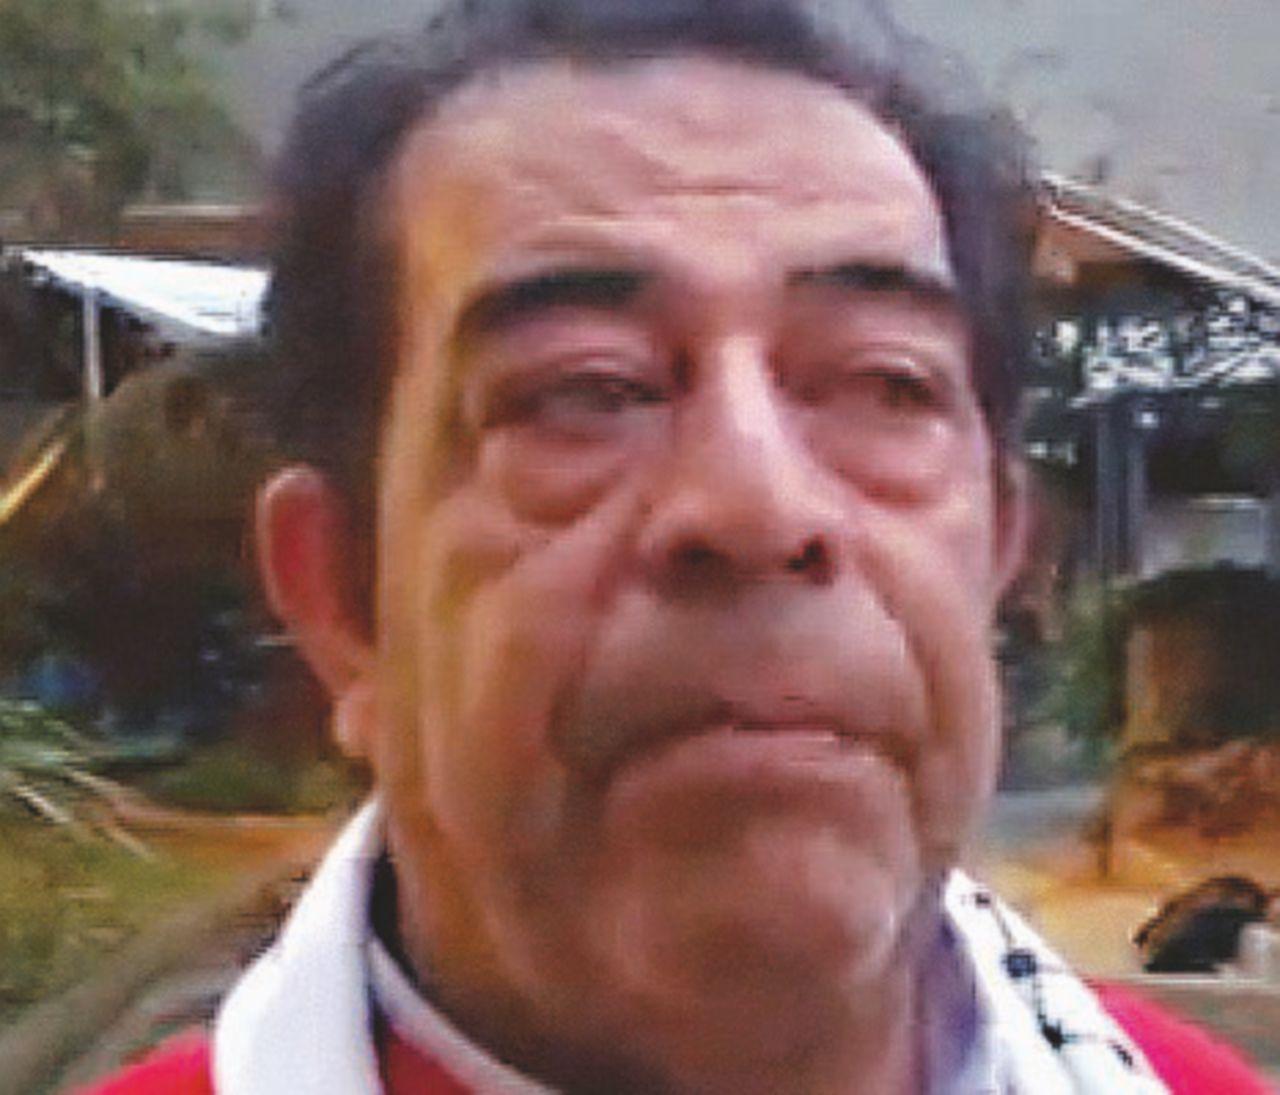 Rawash, italiano espulso dalla Francia